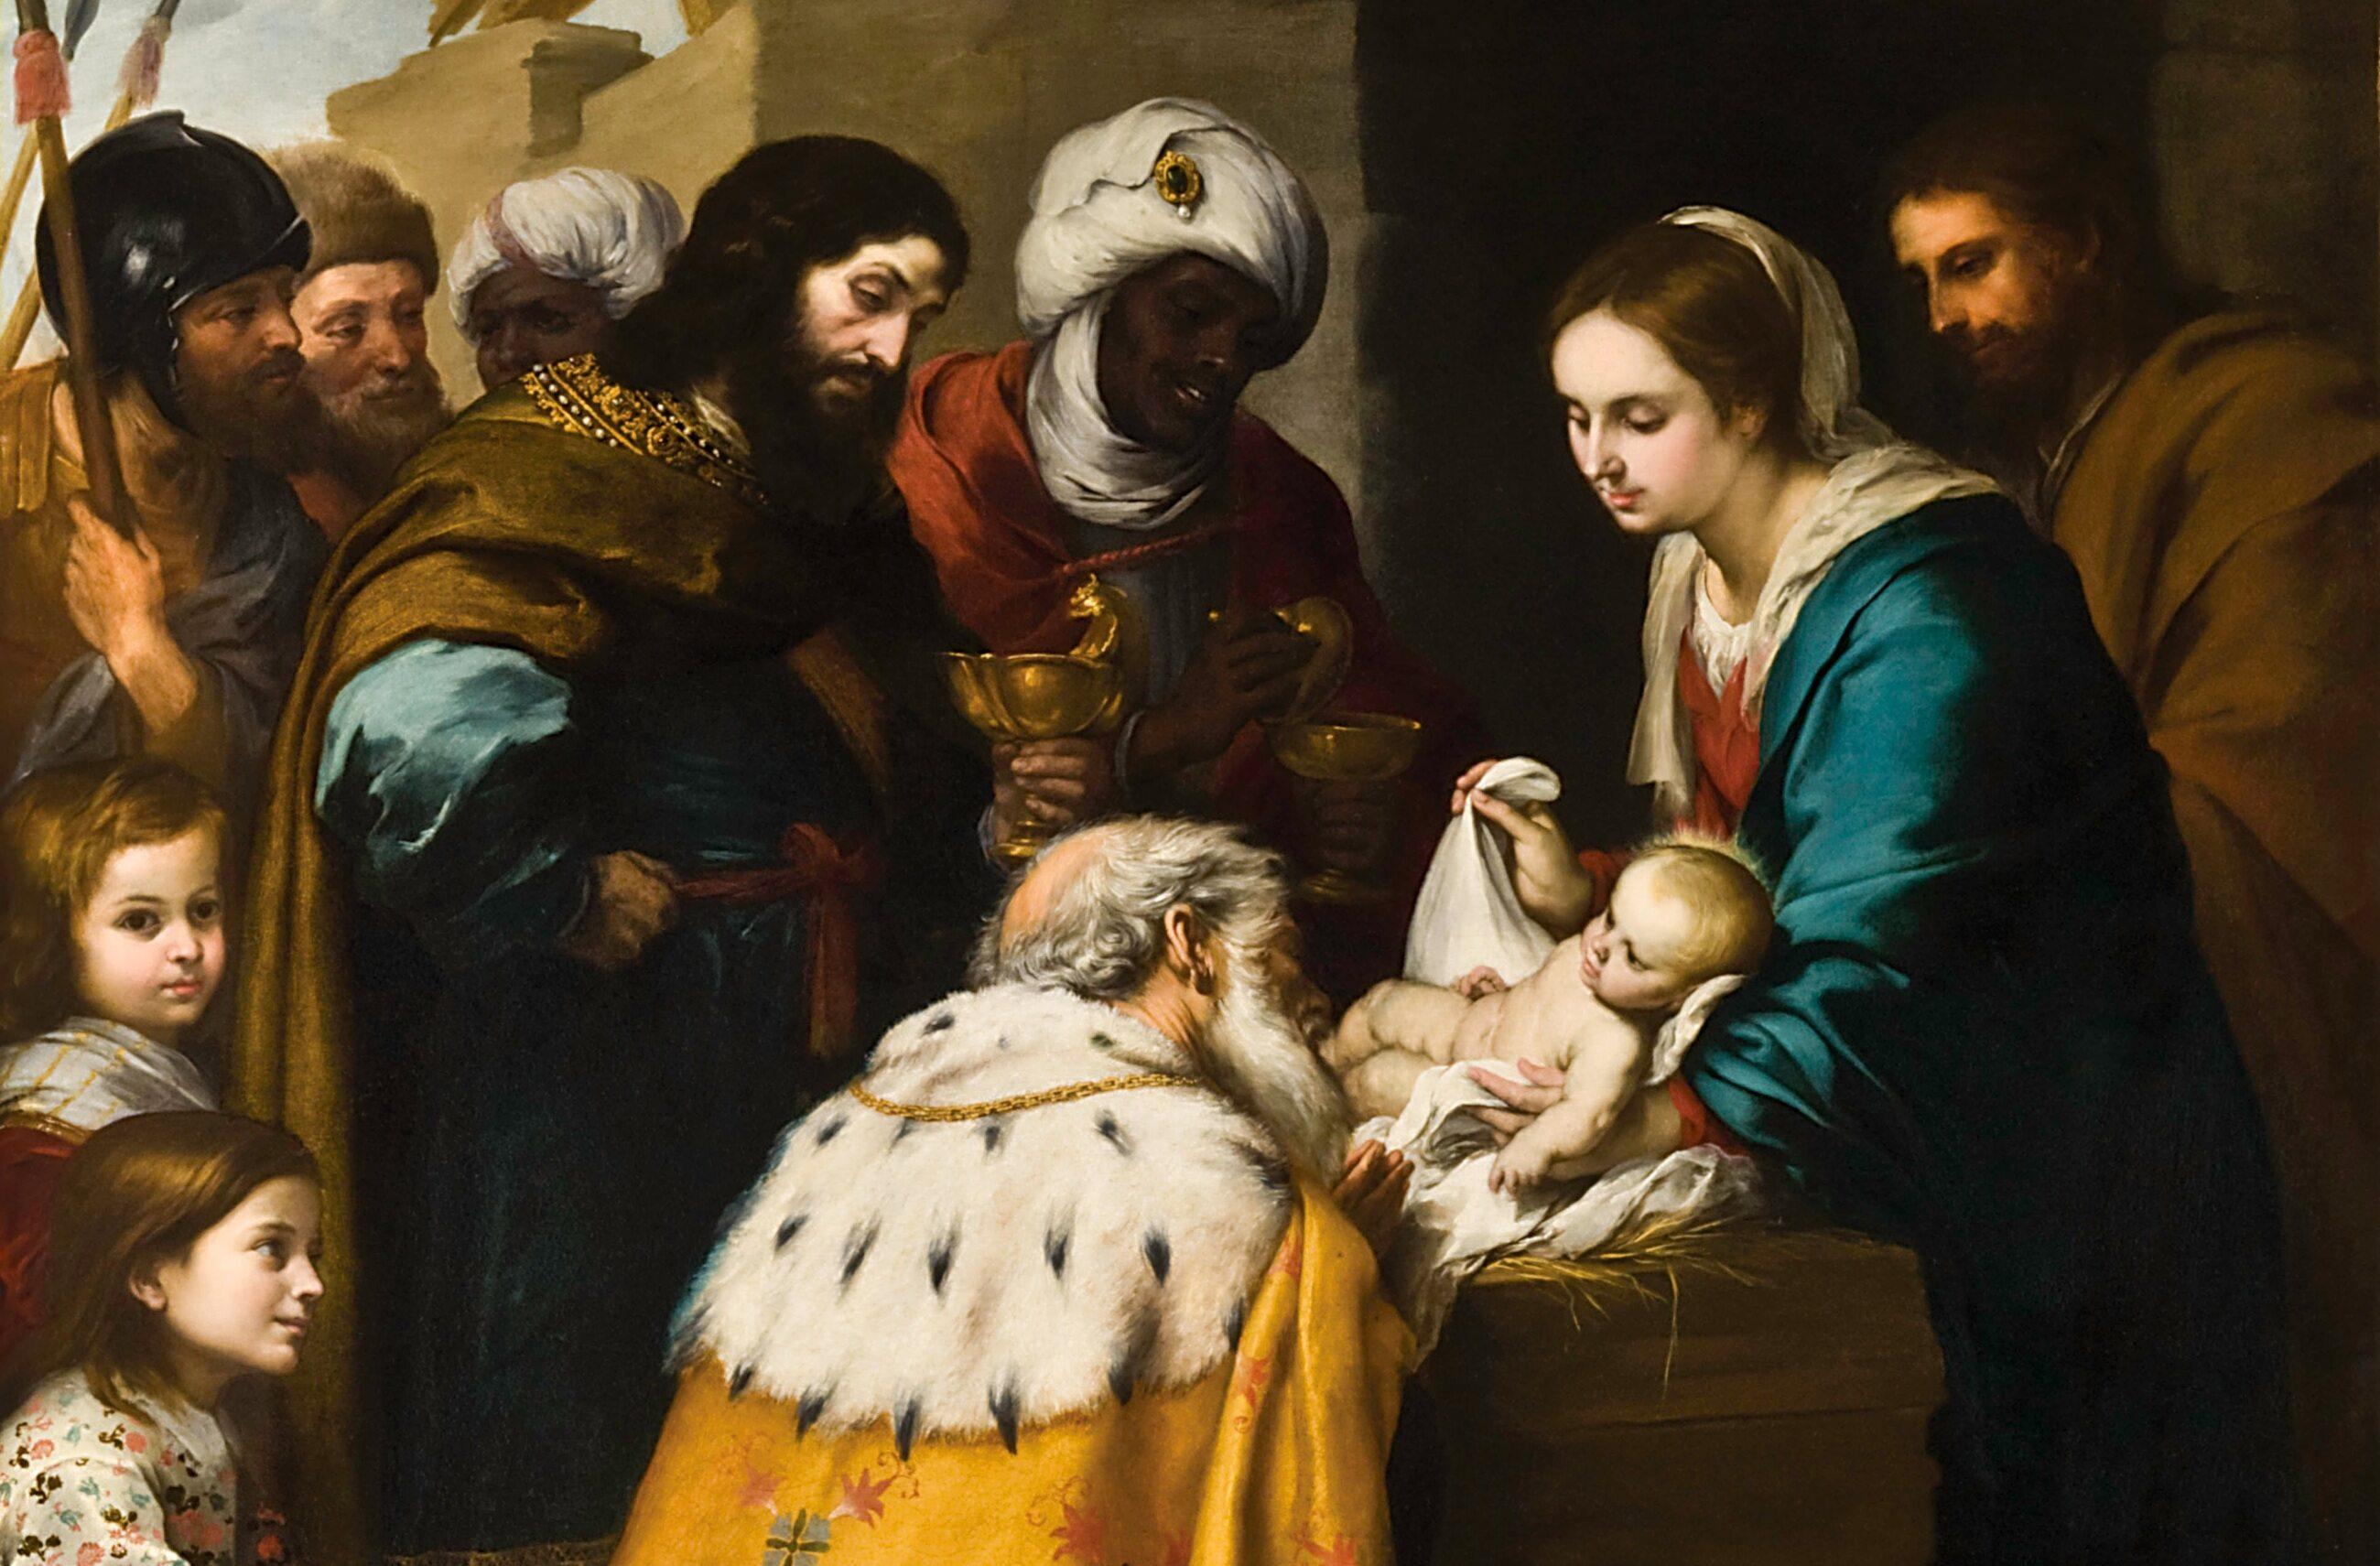 Pokłon Trzech Mędrców przed nowo narodzonym Jezusem, obraz z XVII wieku